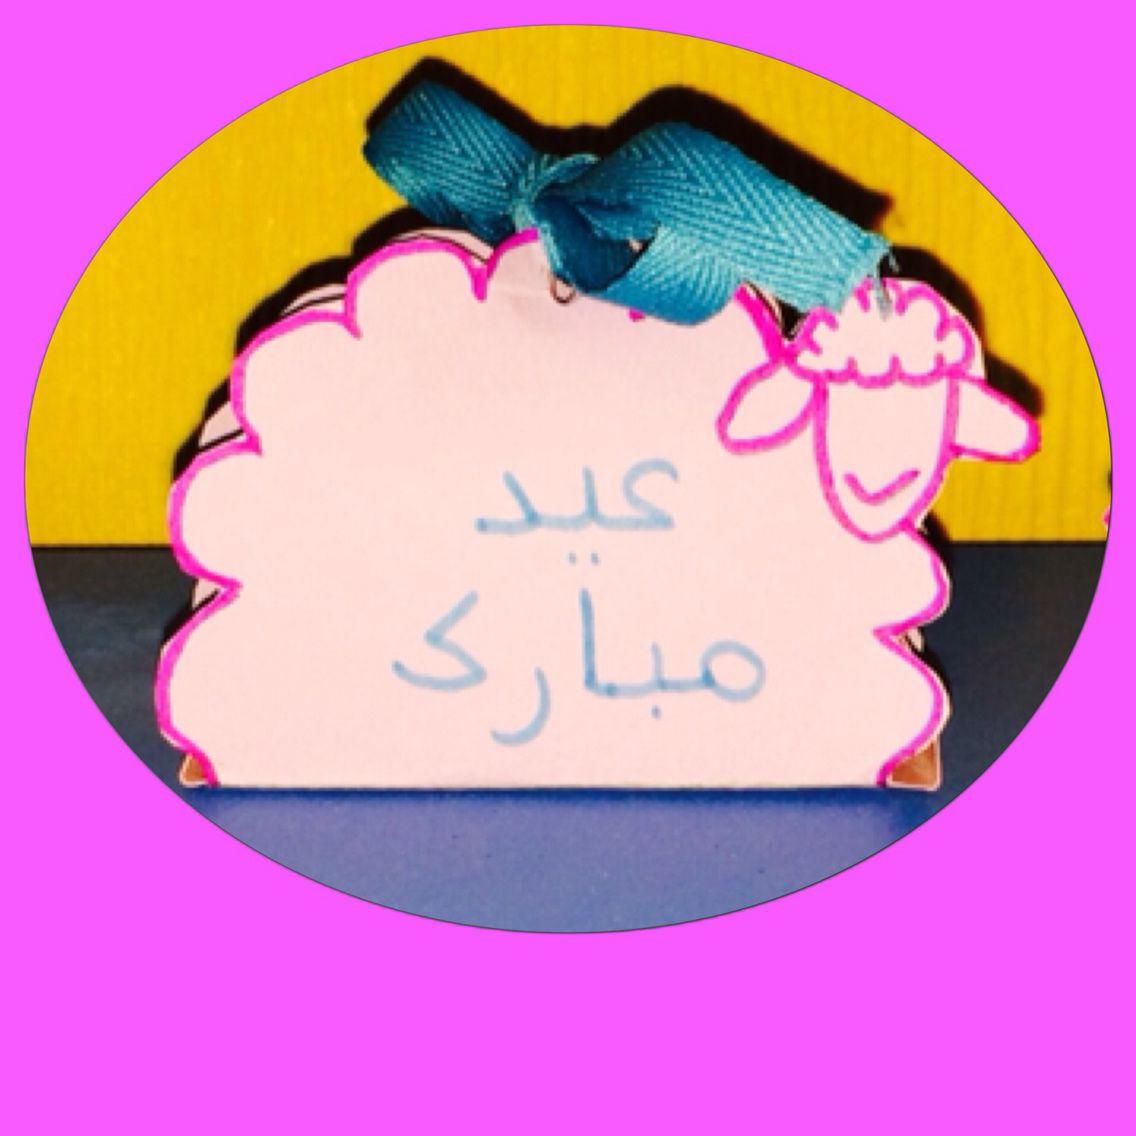 Des boîtes de bonbons en moutons pour l'Aïd